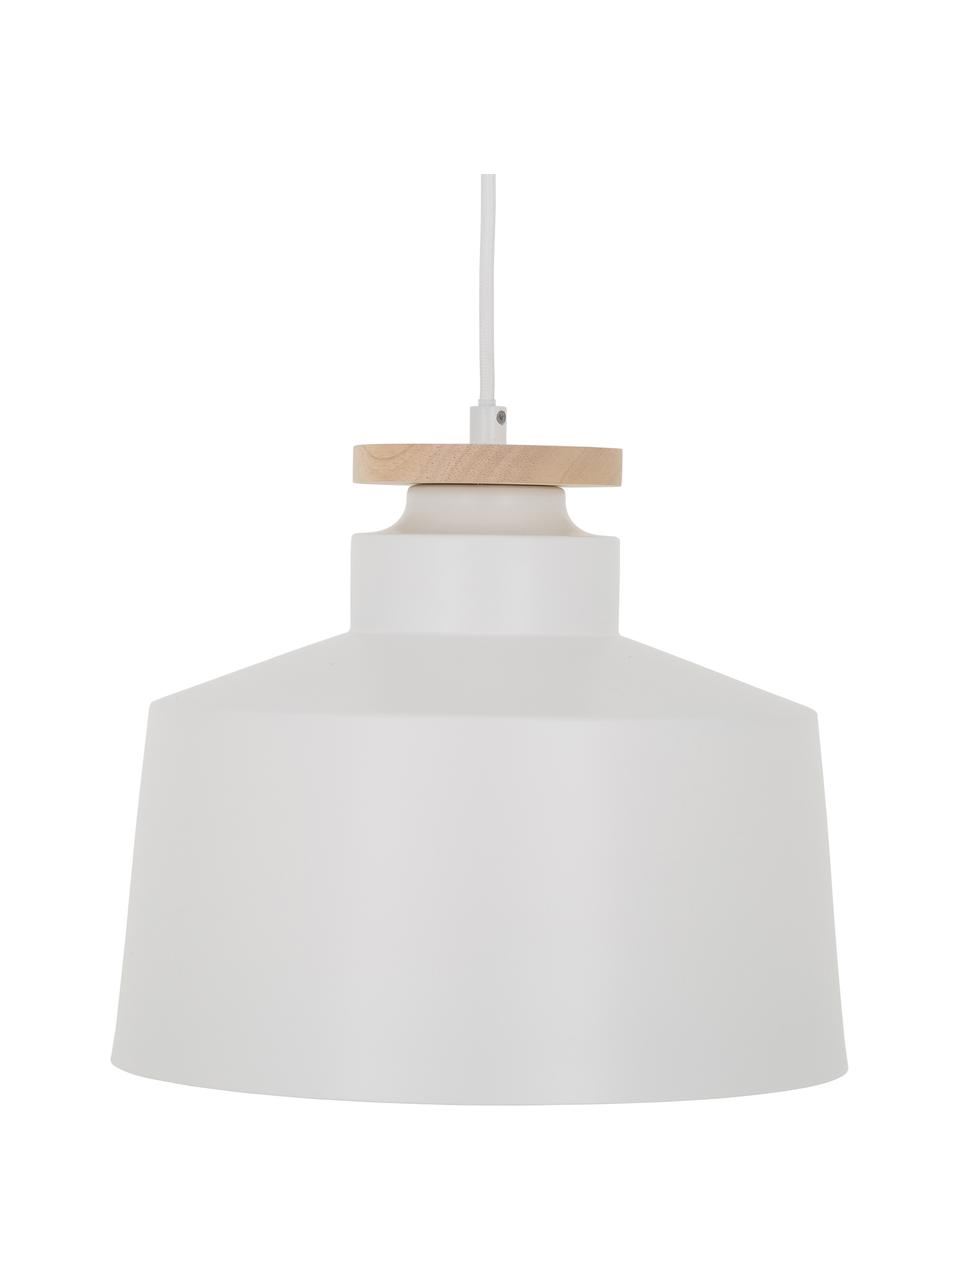 Lampa wisząca scandi Malm, Biały, Ø 30 x W 26 cm